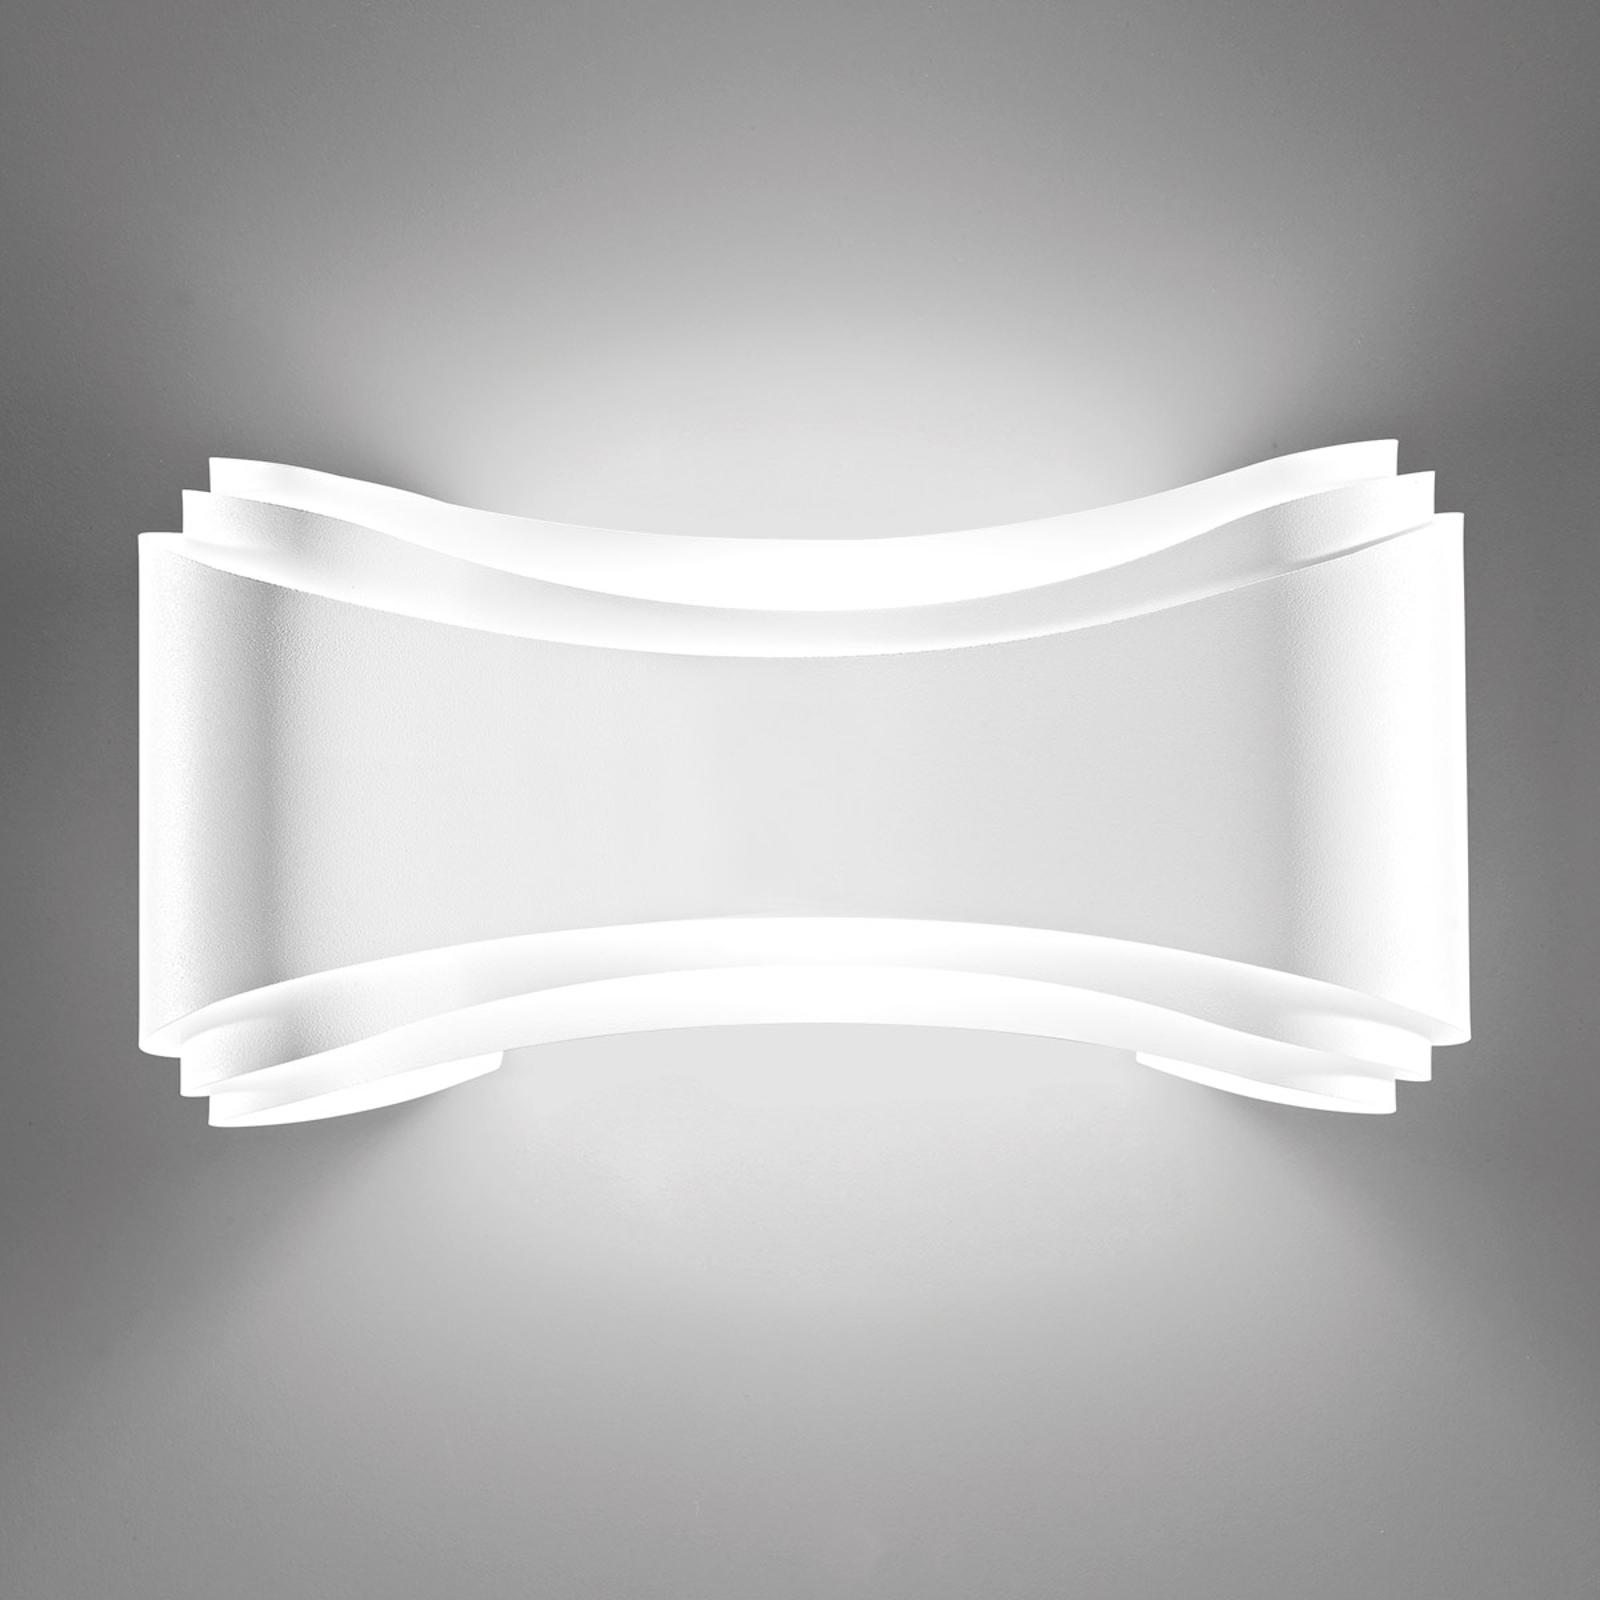 LED-Designer-Wandleuchte Ionica in Weiß